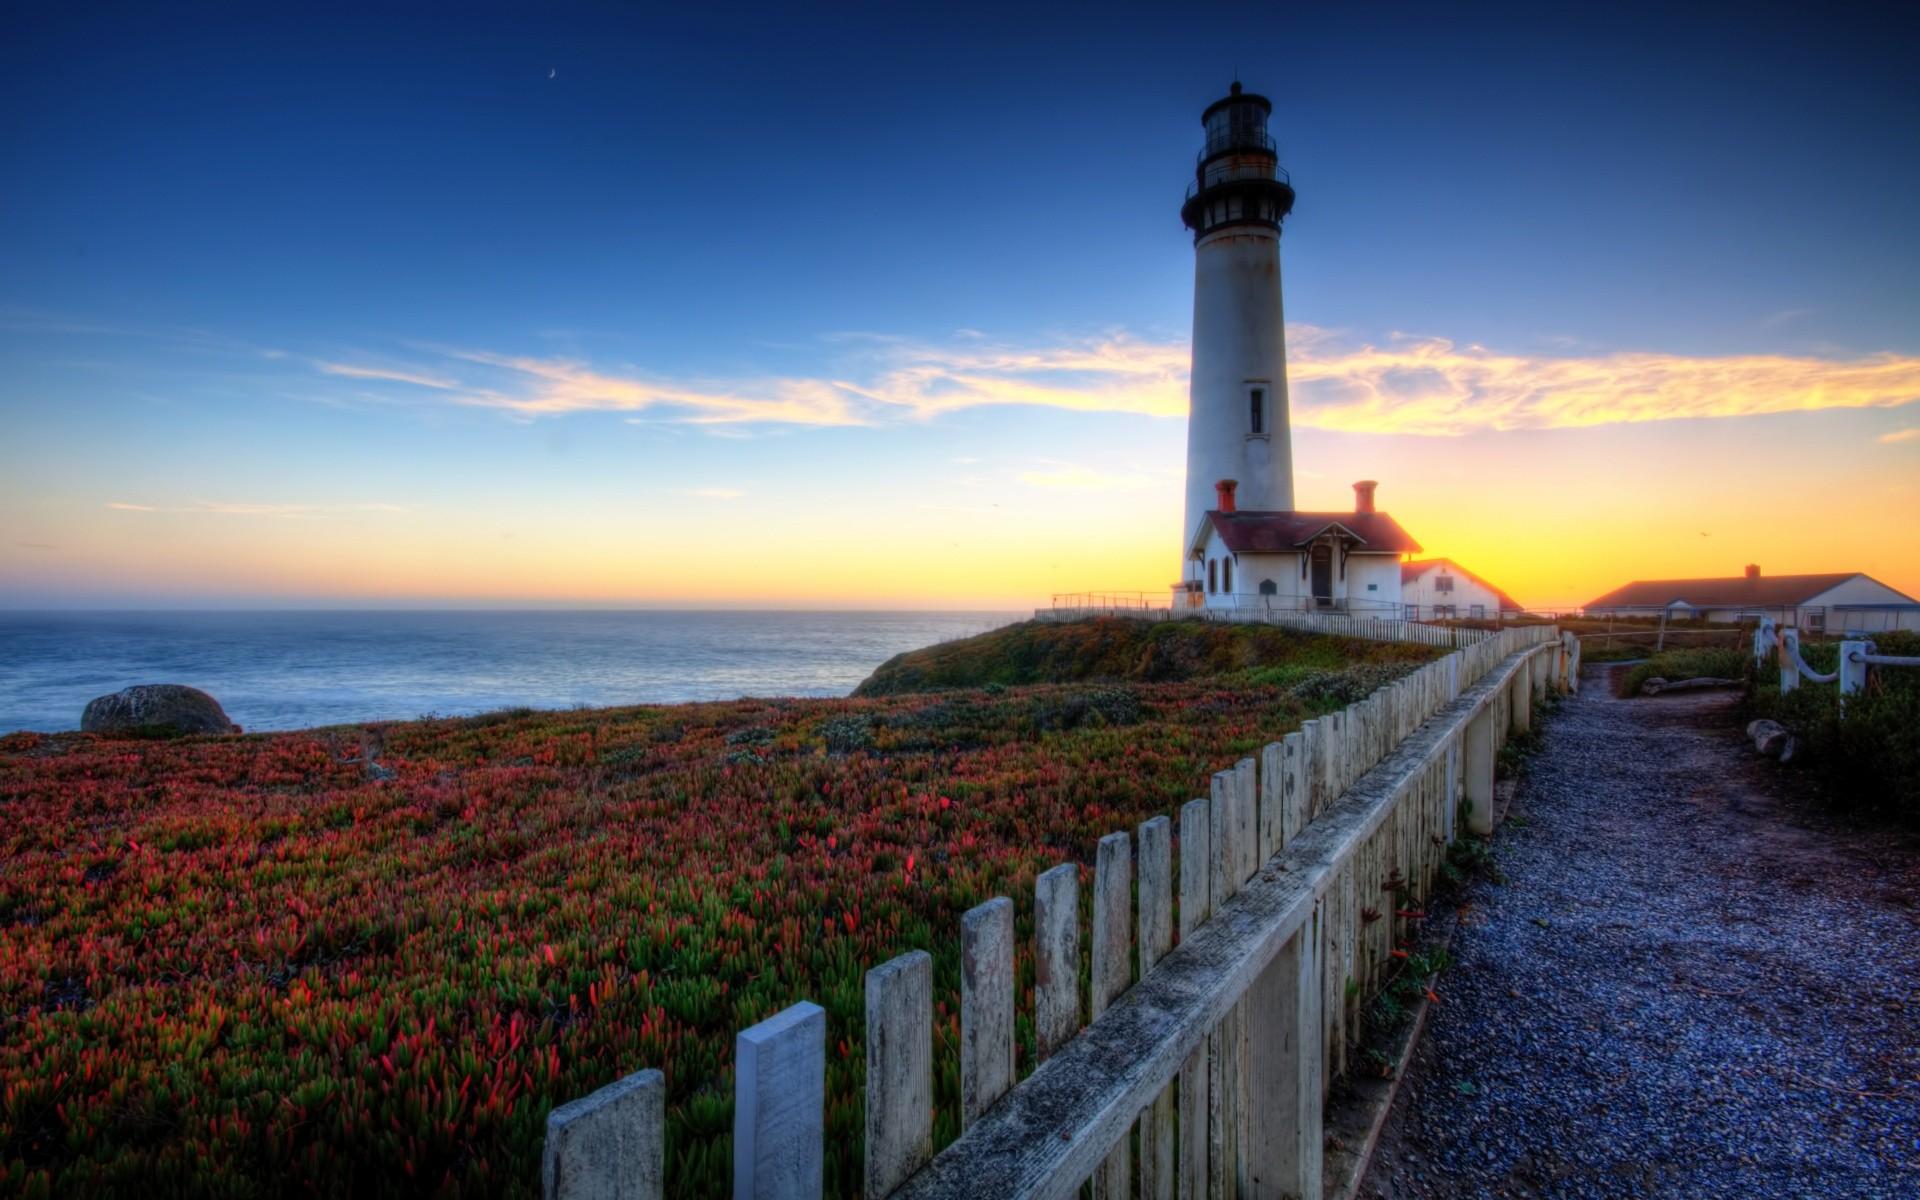 lighthouse desktop wallpaper 7900 - photo #35